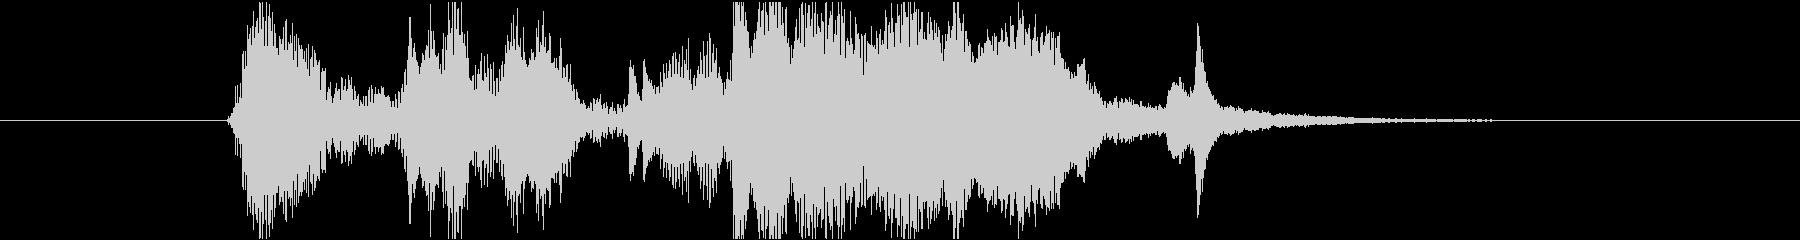 使える!和風SE 「おめでとさ〜ん!」's unreproduced waveform